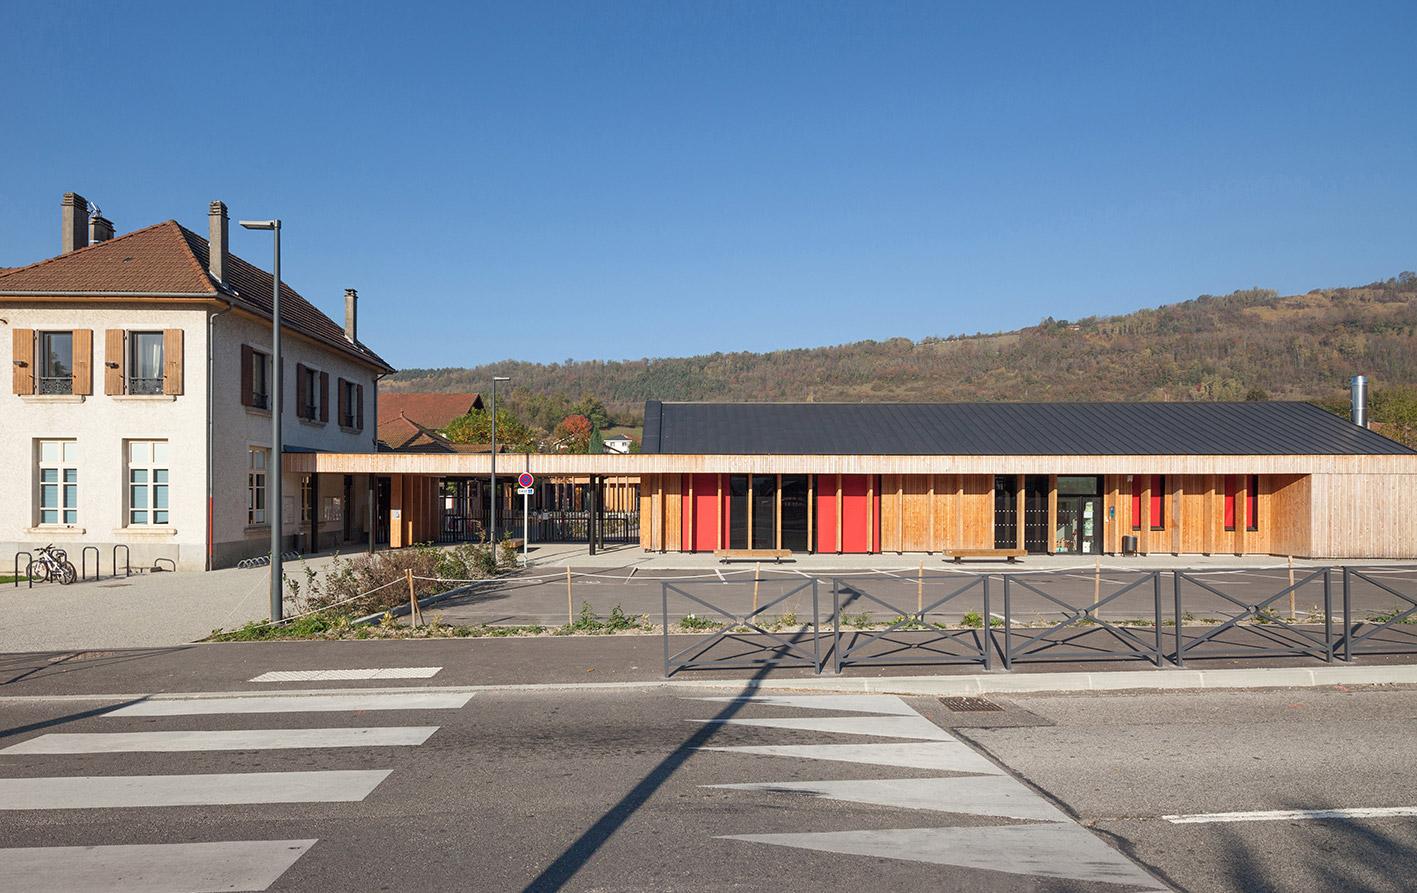 jerome-ricolleau-photographe-architecture-lyon-Composite-grenoble-vaulnaveys-le-haut-restructuration-extension-ecole-jules-bruant-maternelle-elementaire-periscolaire-multiaccueil-1